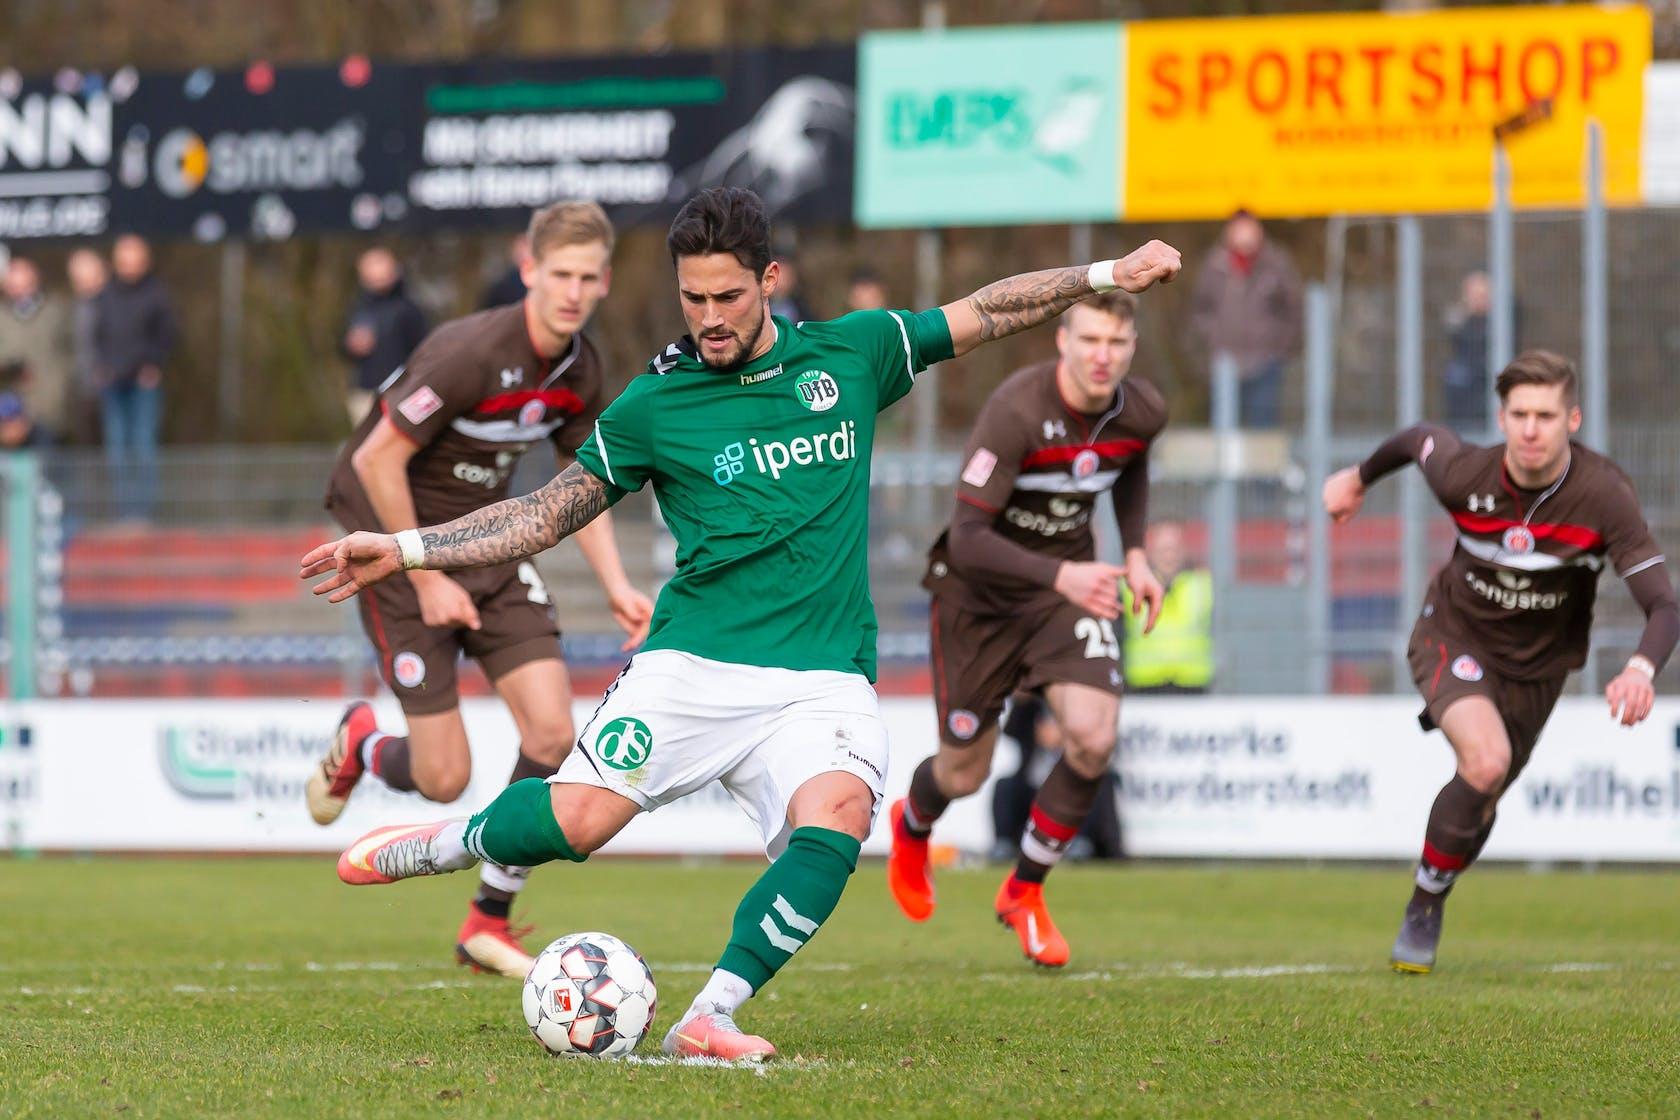 Daniel Franziskus vom Fußballverein VfB Lübeck schießt den Ball